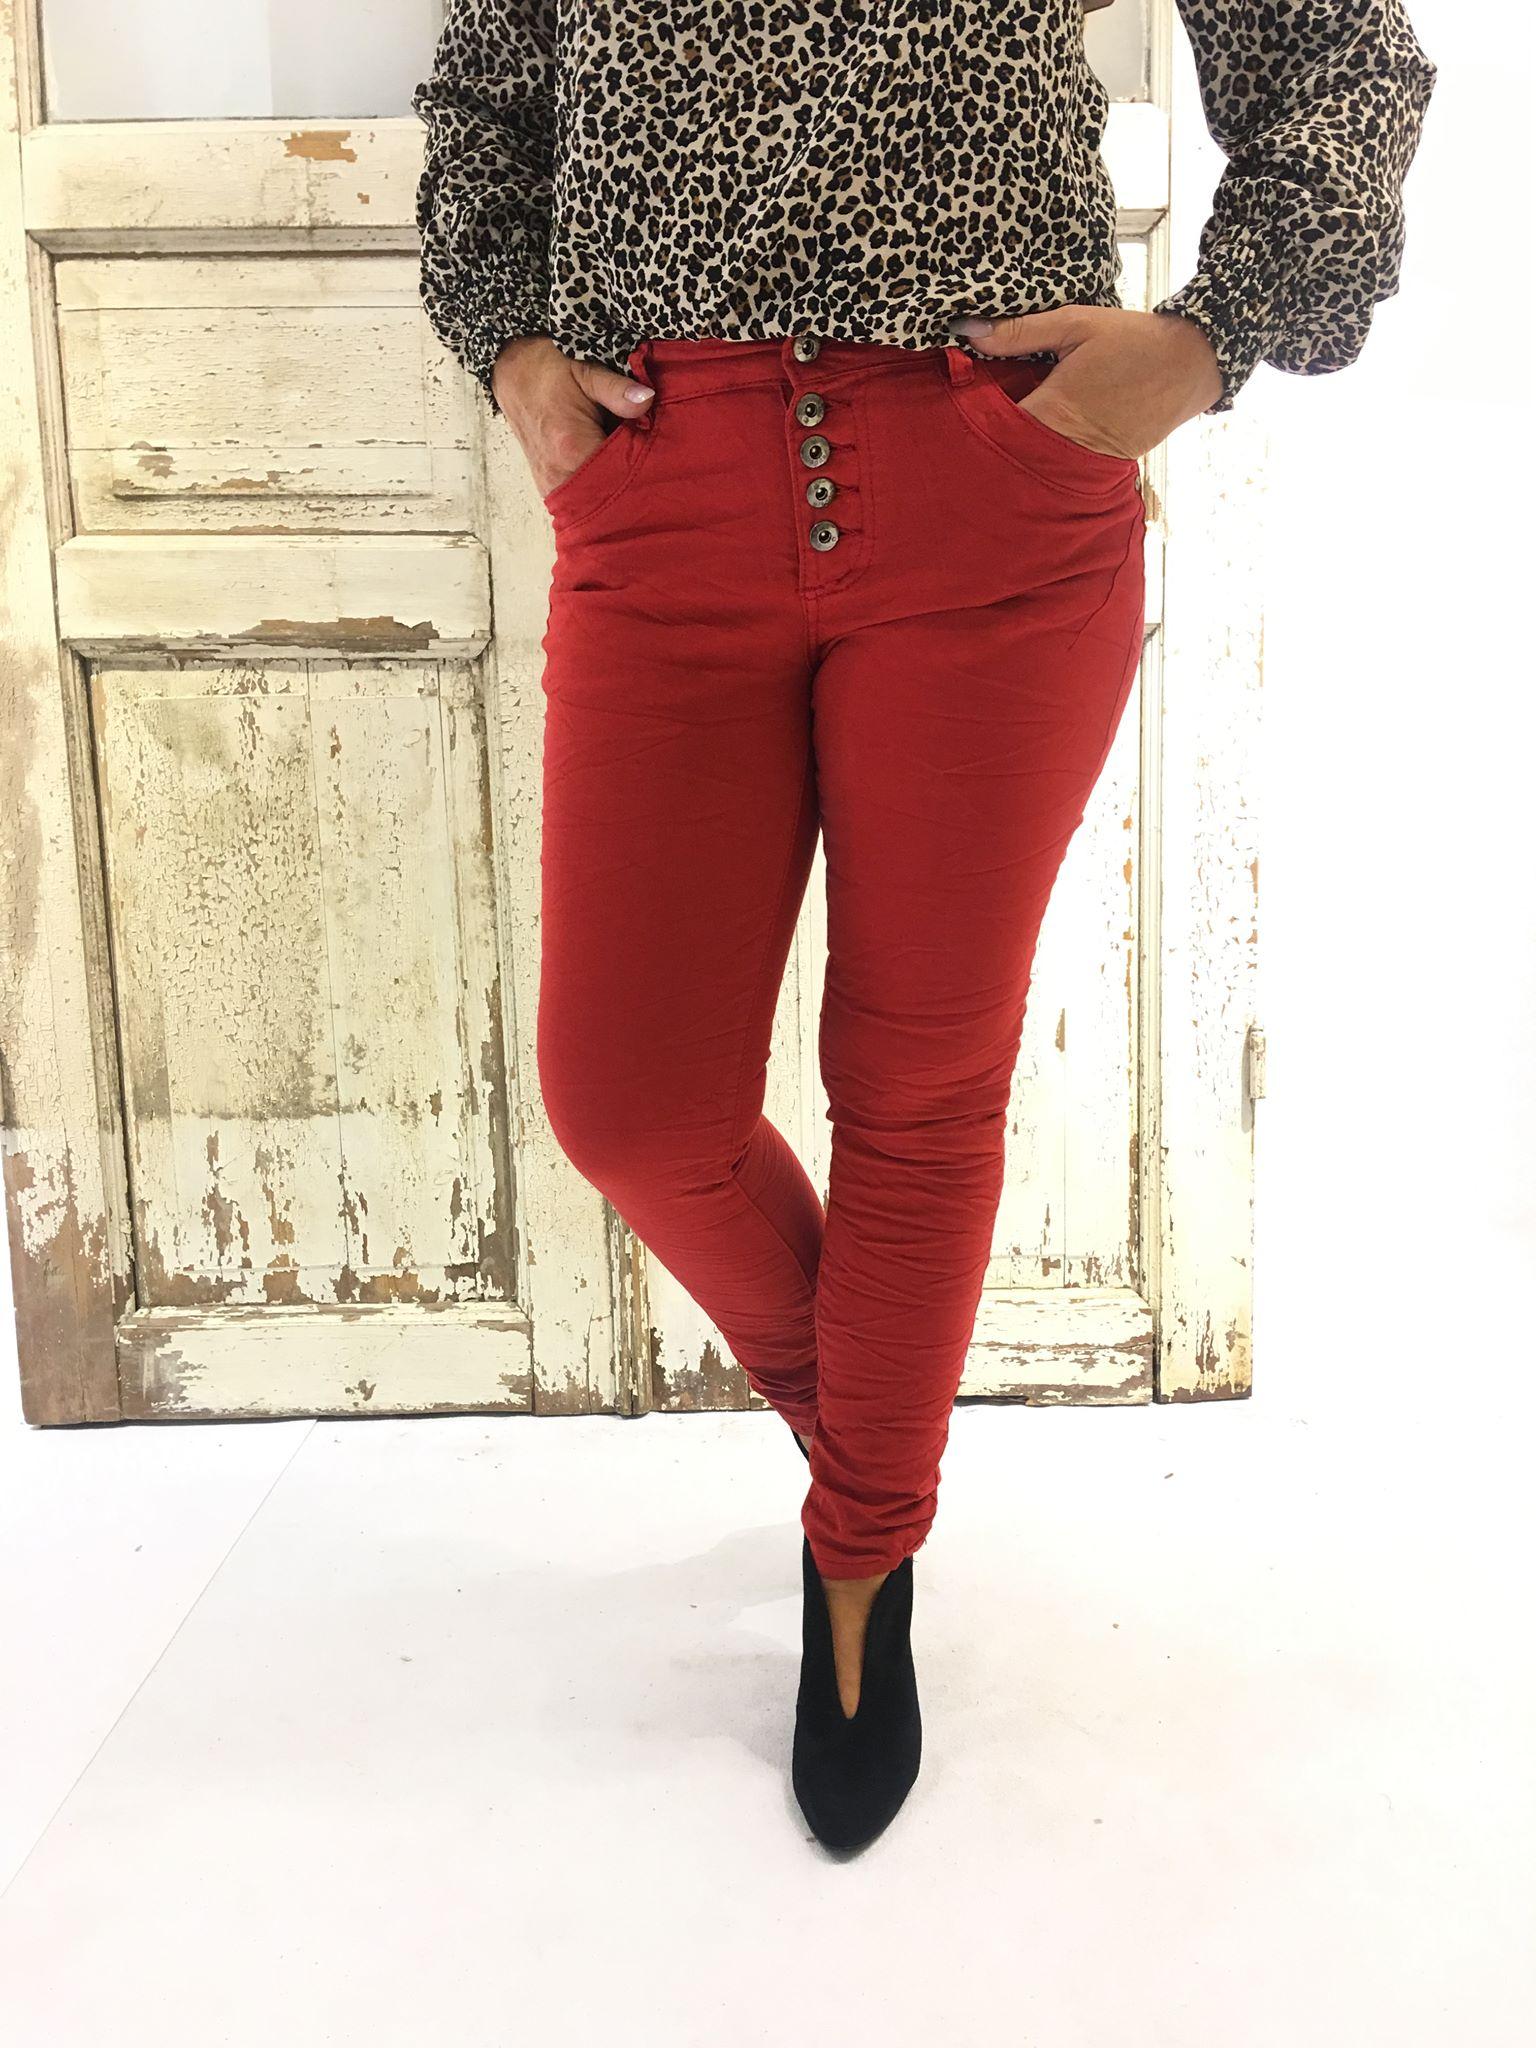 66b67f2a Pepper, rød bukse fra Pepper, Pepper jeans og bukse, rød jeans til dame